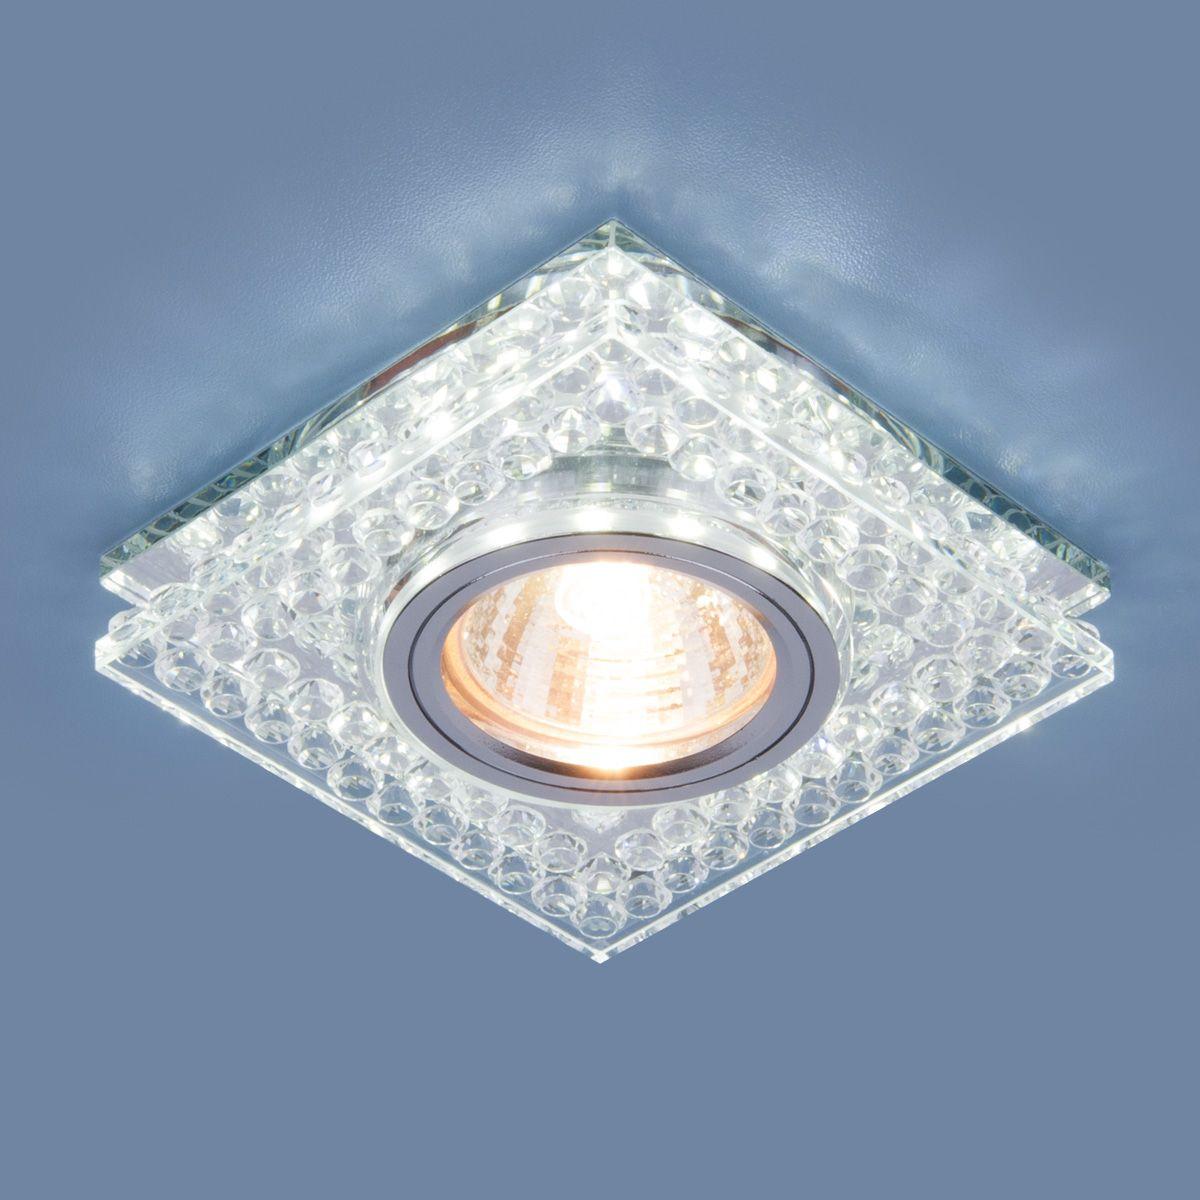 Точечный светильник с LED подсветкой 8391 MR16 CL/SL прозрачный/серебро